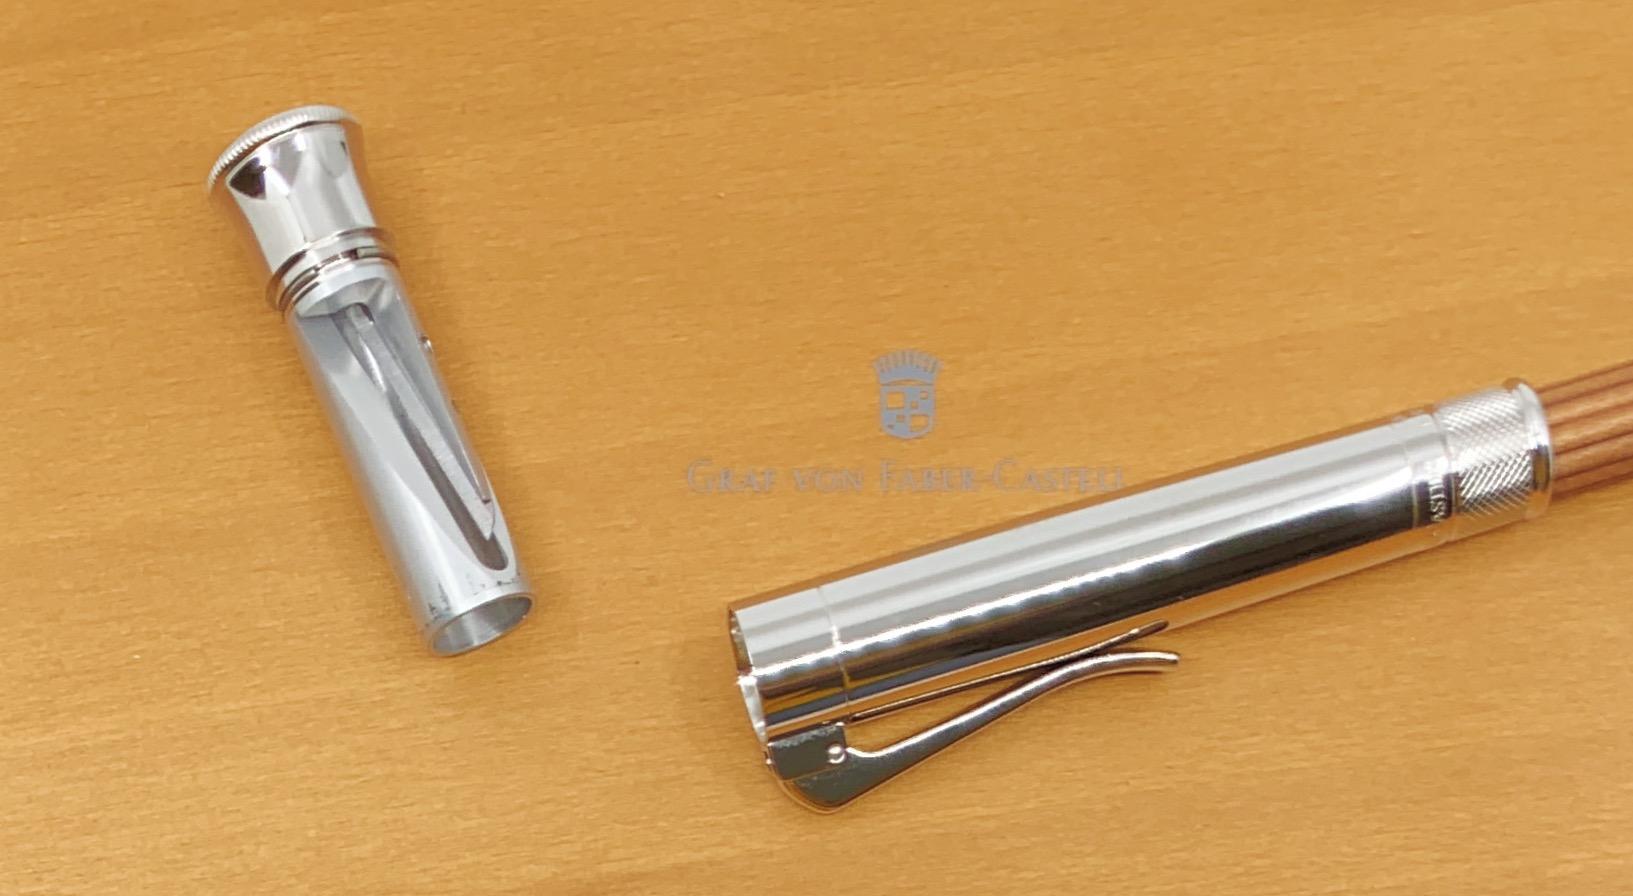 Graf von Faber-Castell Perfect Pencil Sharpener